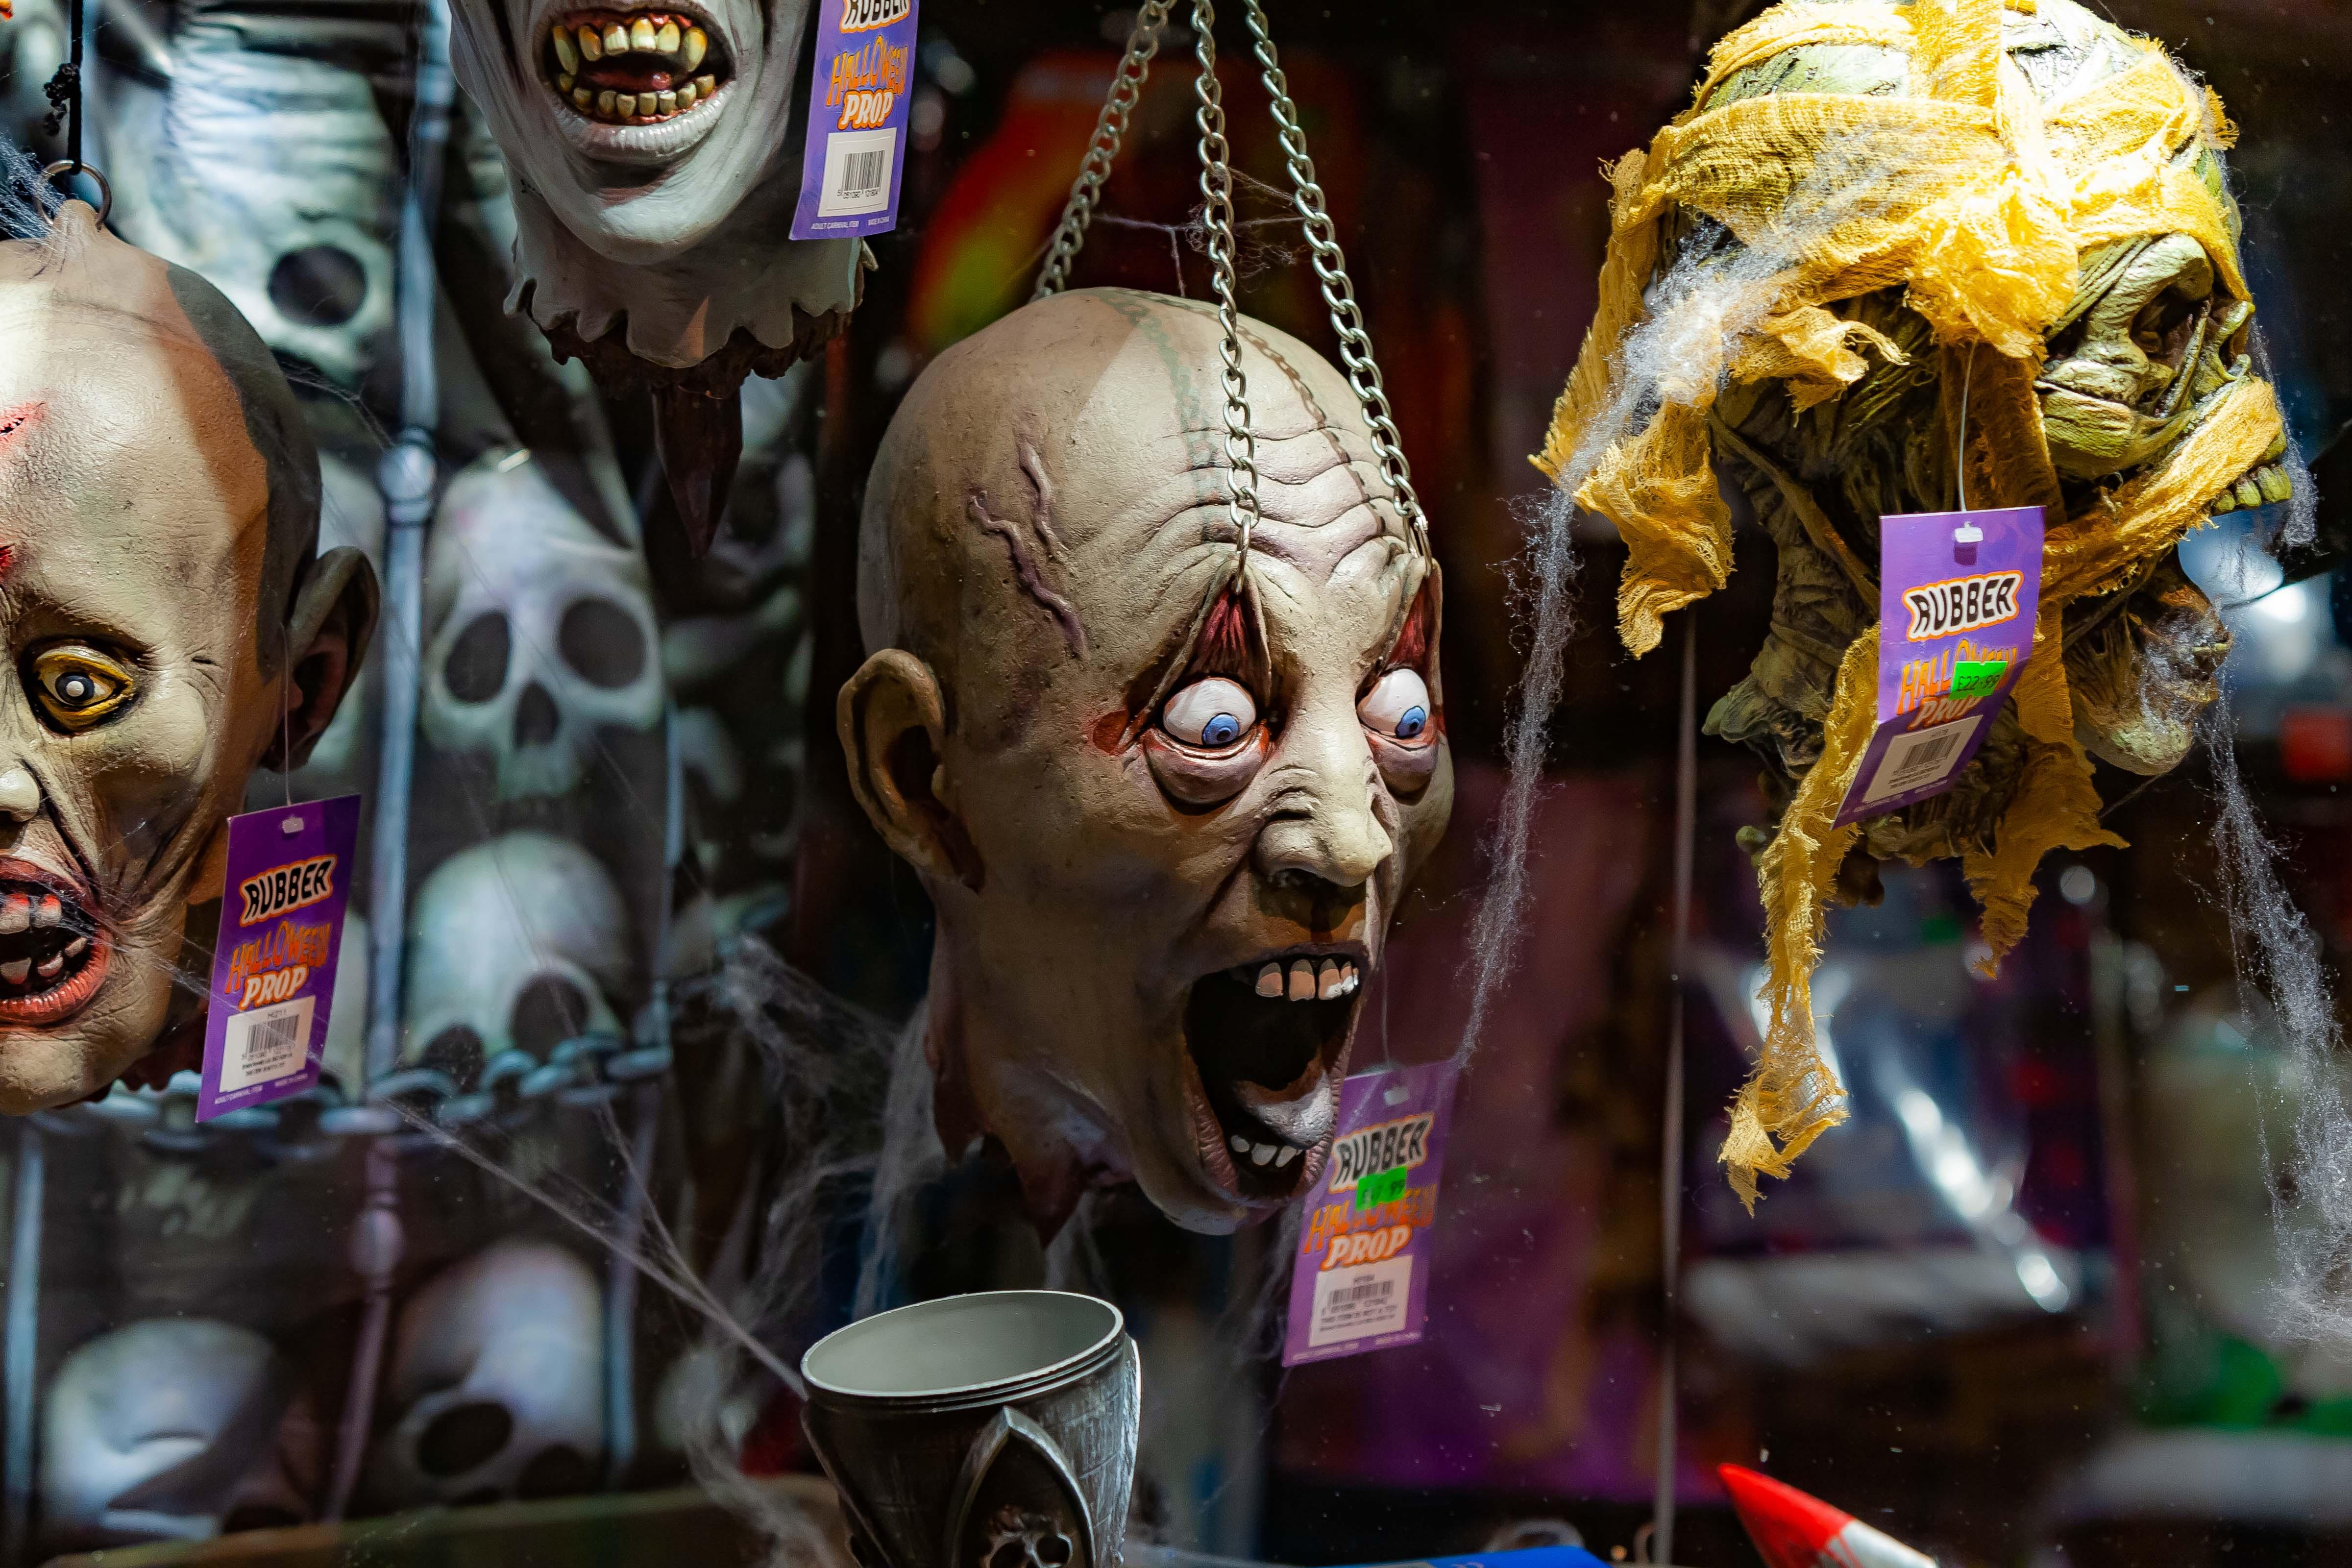 UK, Flintshire Prov, Ghoul Shop, 2009, IMG 6239